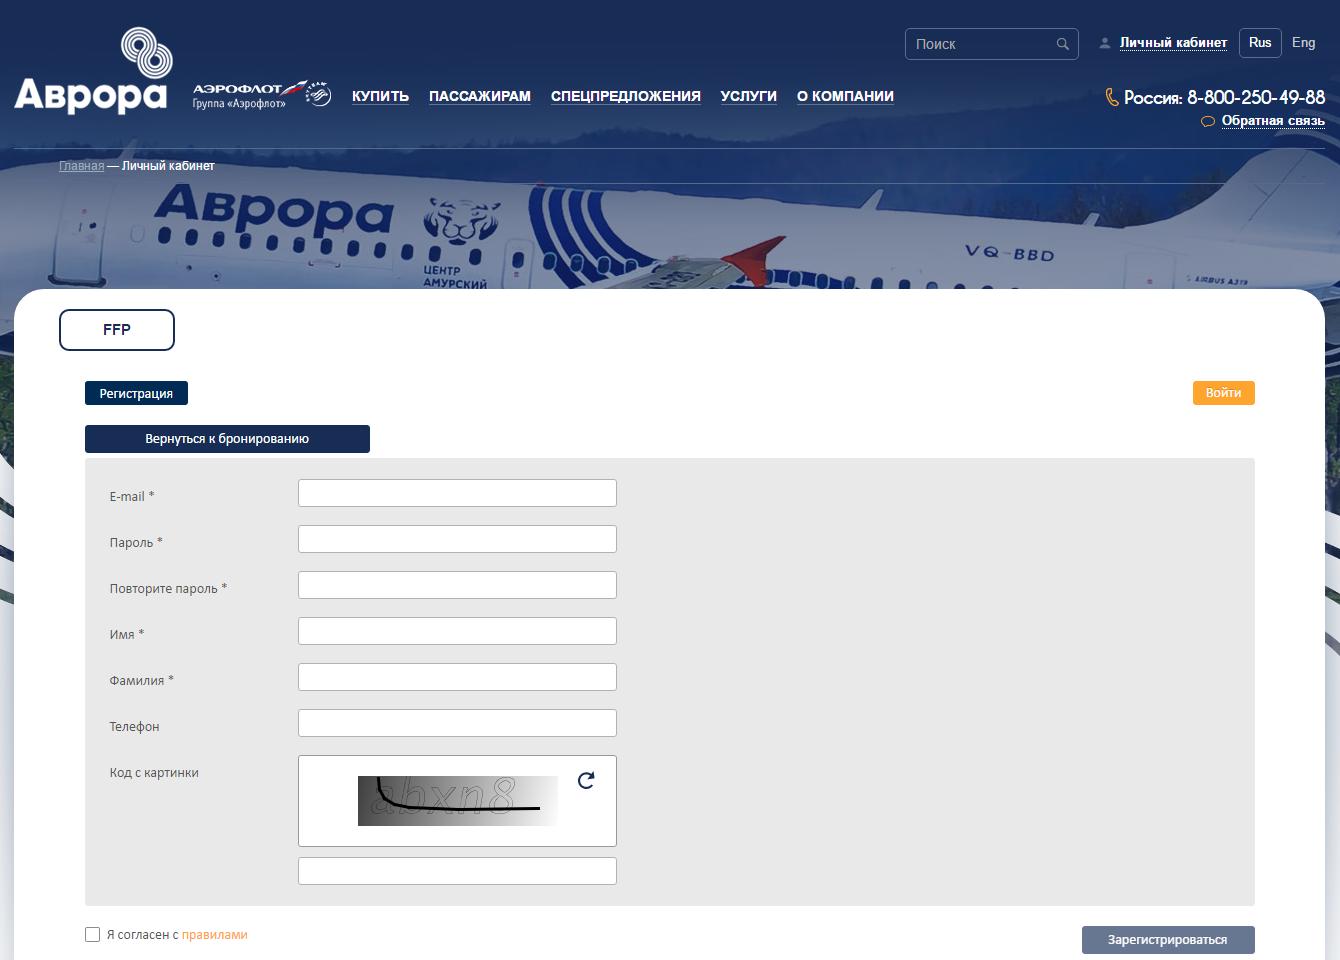 Личный кабинет авиакомпании Аврора